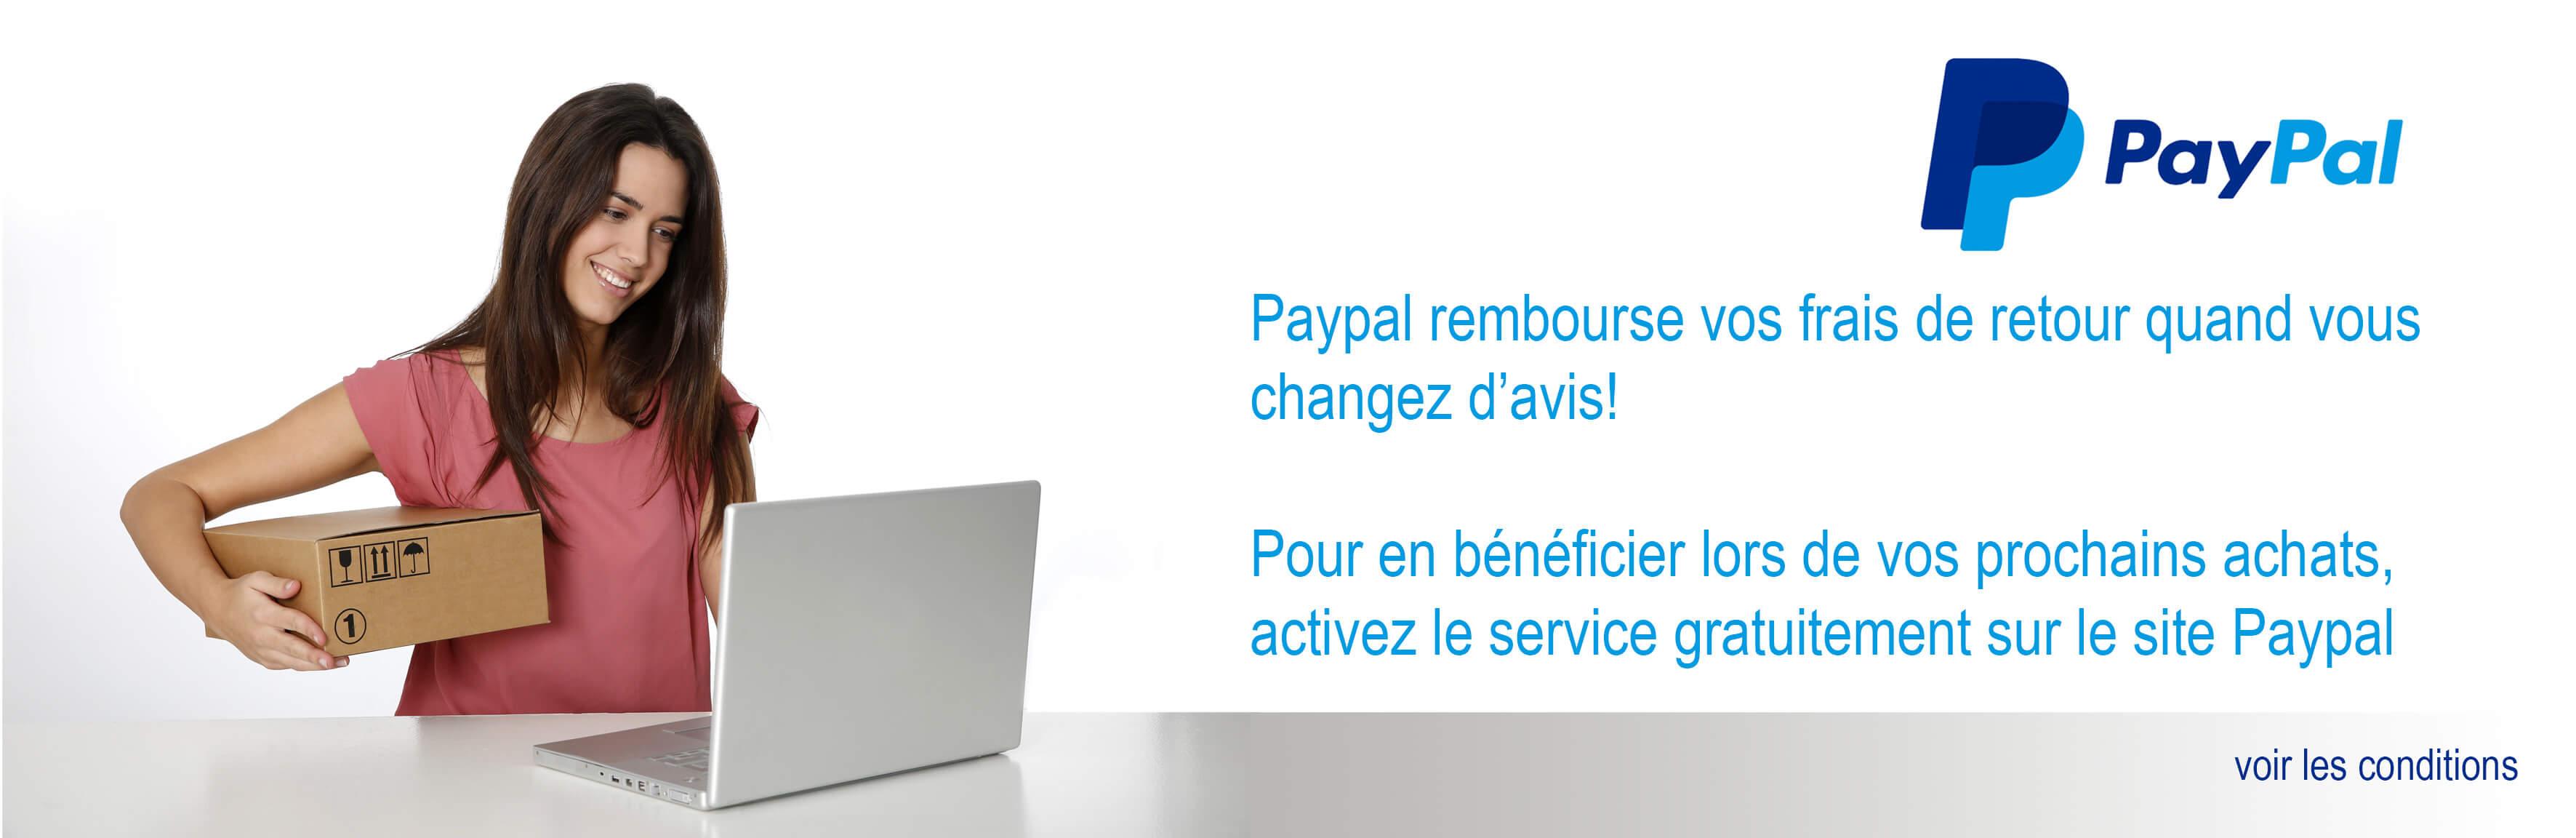 paypal_retours_gratuits-1.jpg